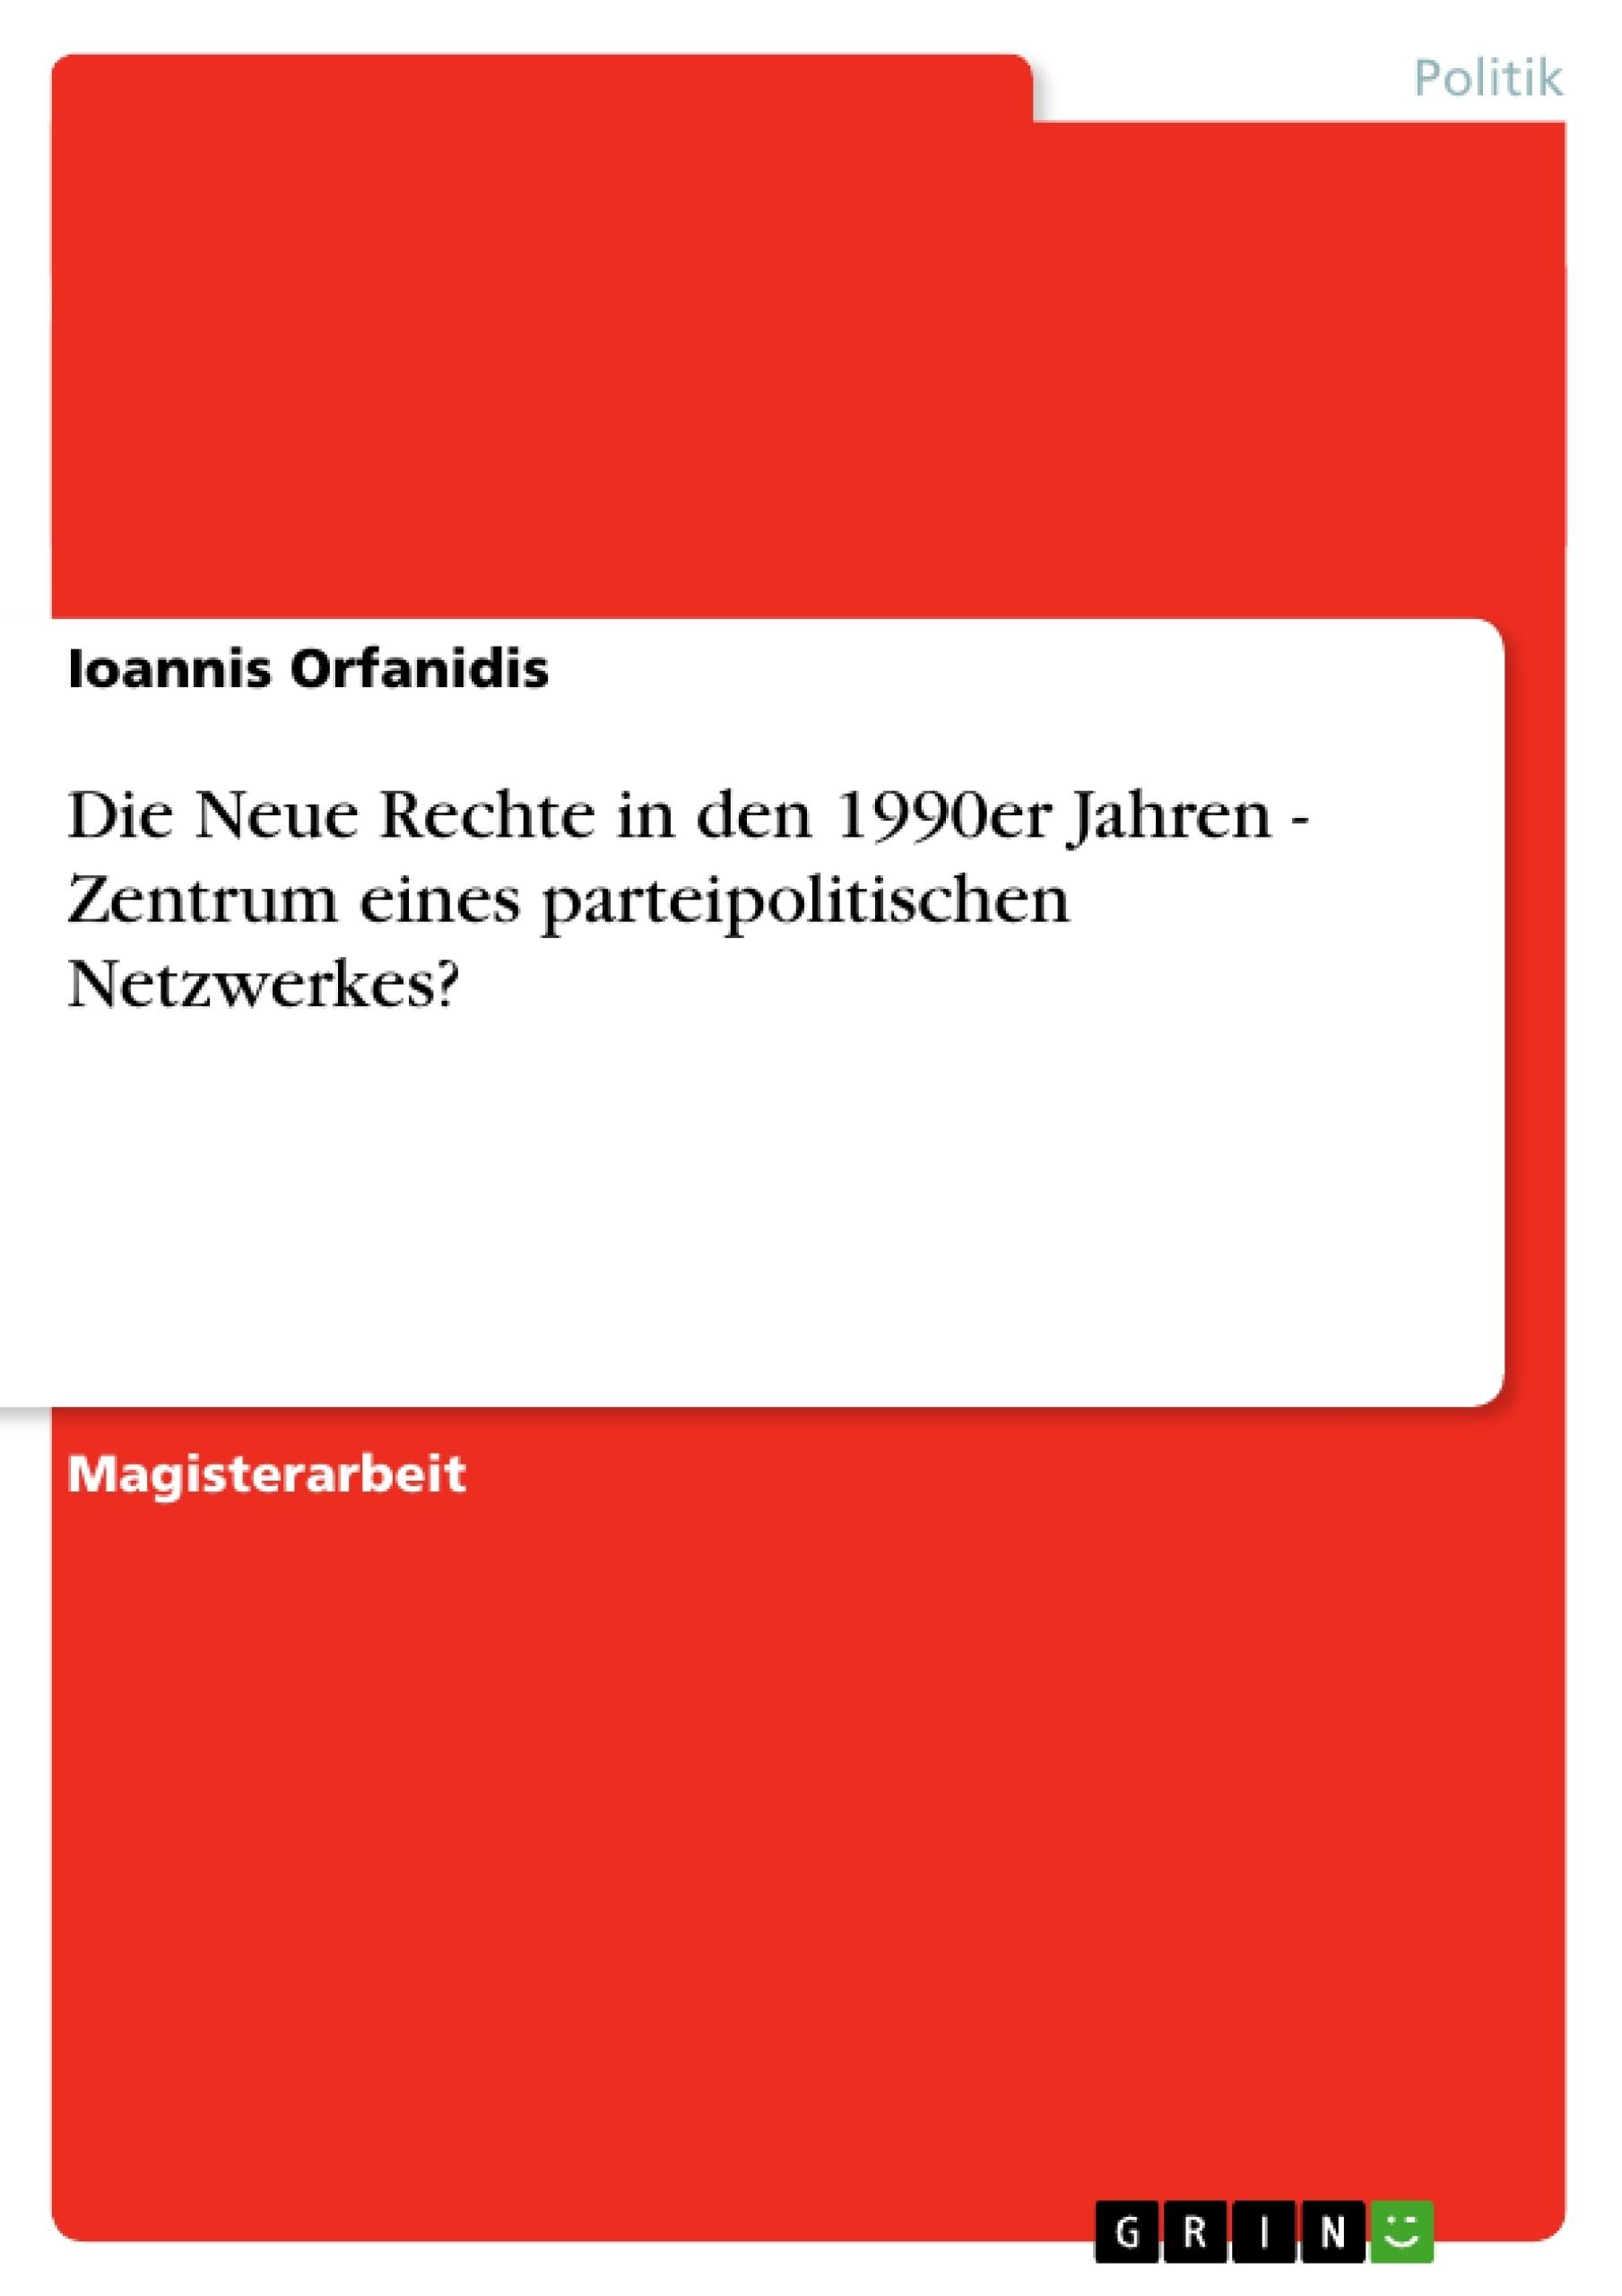 Titel: Die Neue Rechte in den 1990er Jahren - Zentrum eines parteipolitischen Netzwerkes?